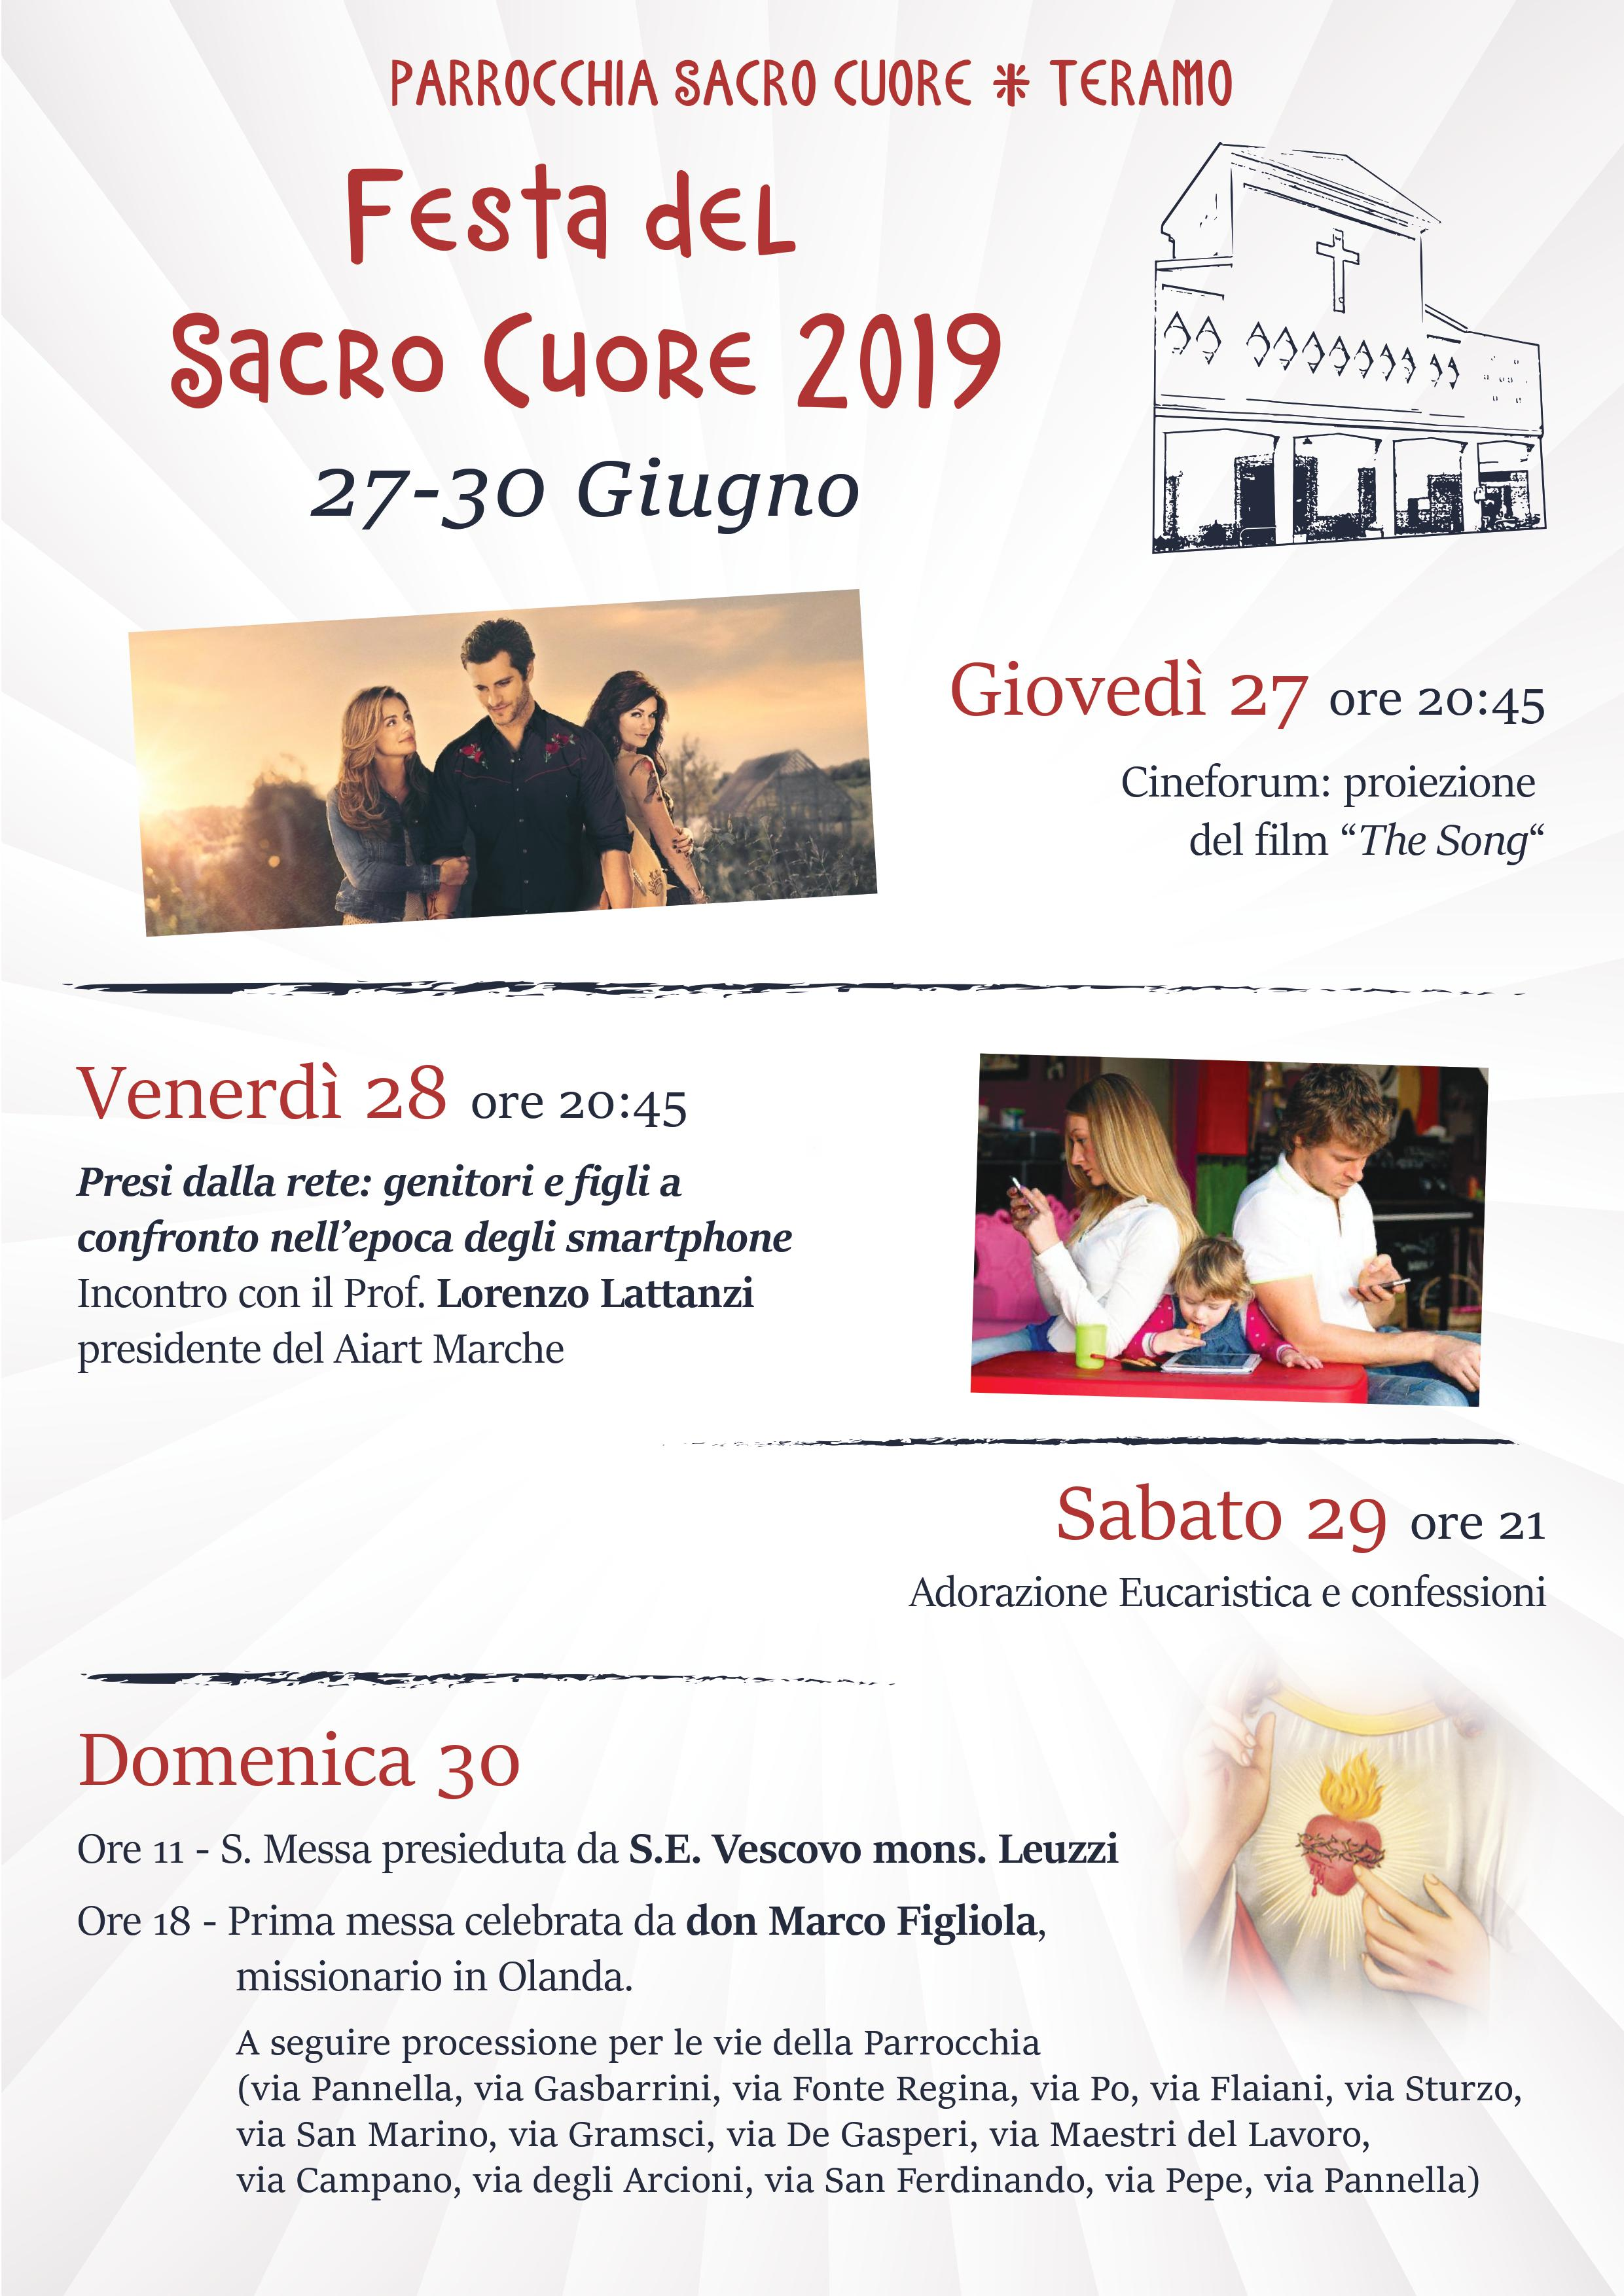 Calendario Team Teramo.Sacro Cuore Teramo